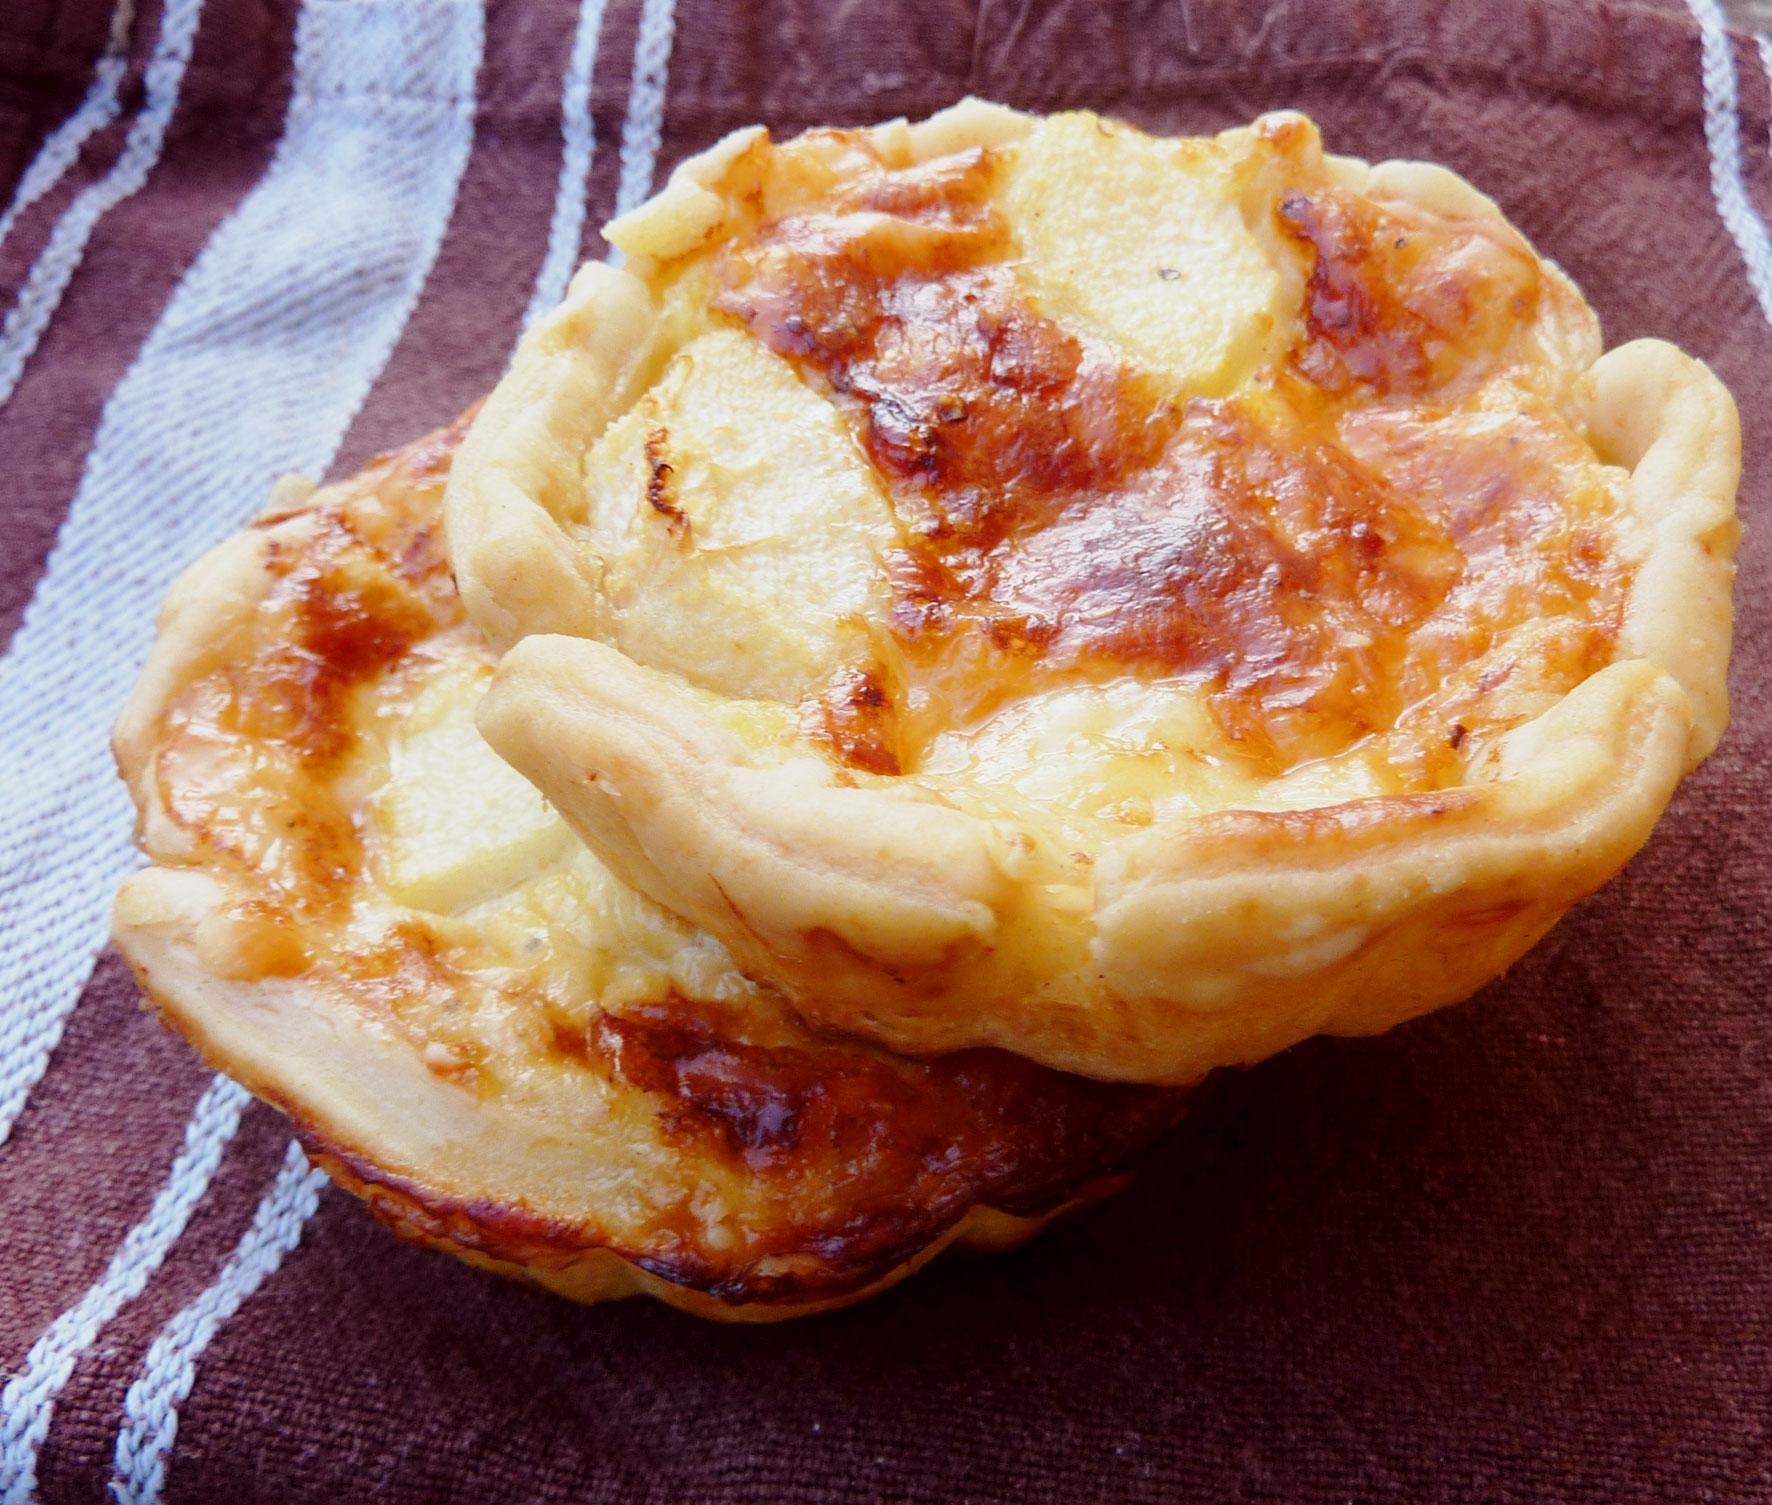 Christina bäckt heute Käse-Tartelettes mit Birnenschaumwein